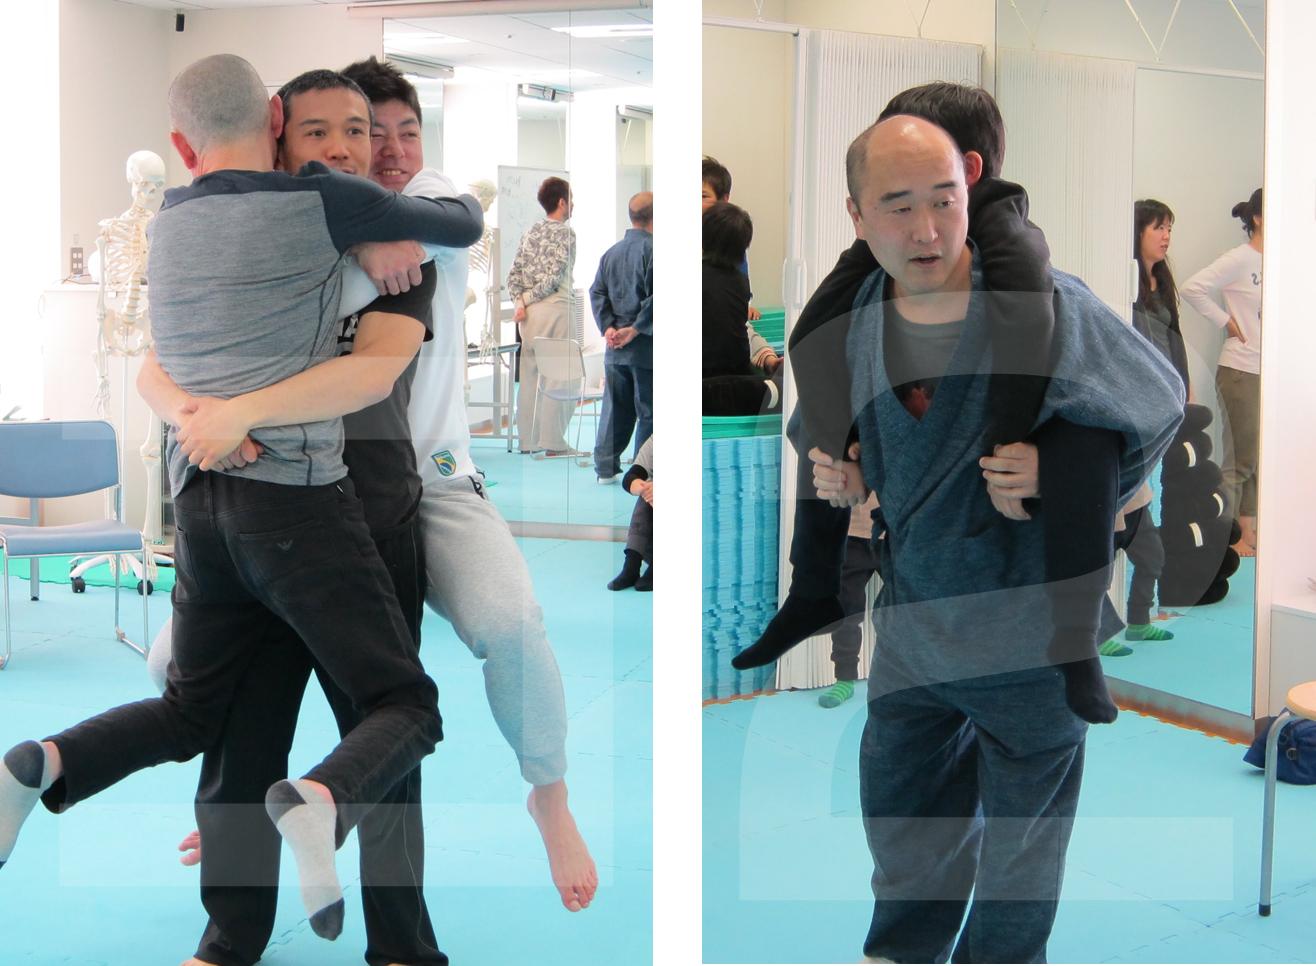 北川さん、山上さんから、おんぶと抱っこの安全なやり方のレクチャーもあり